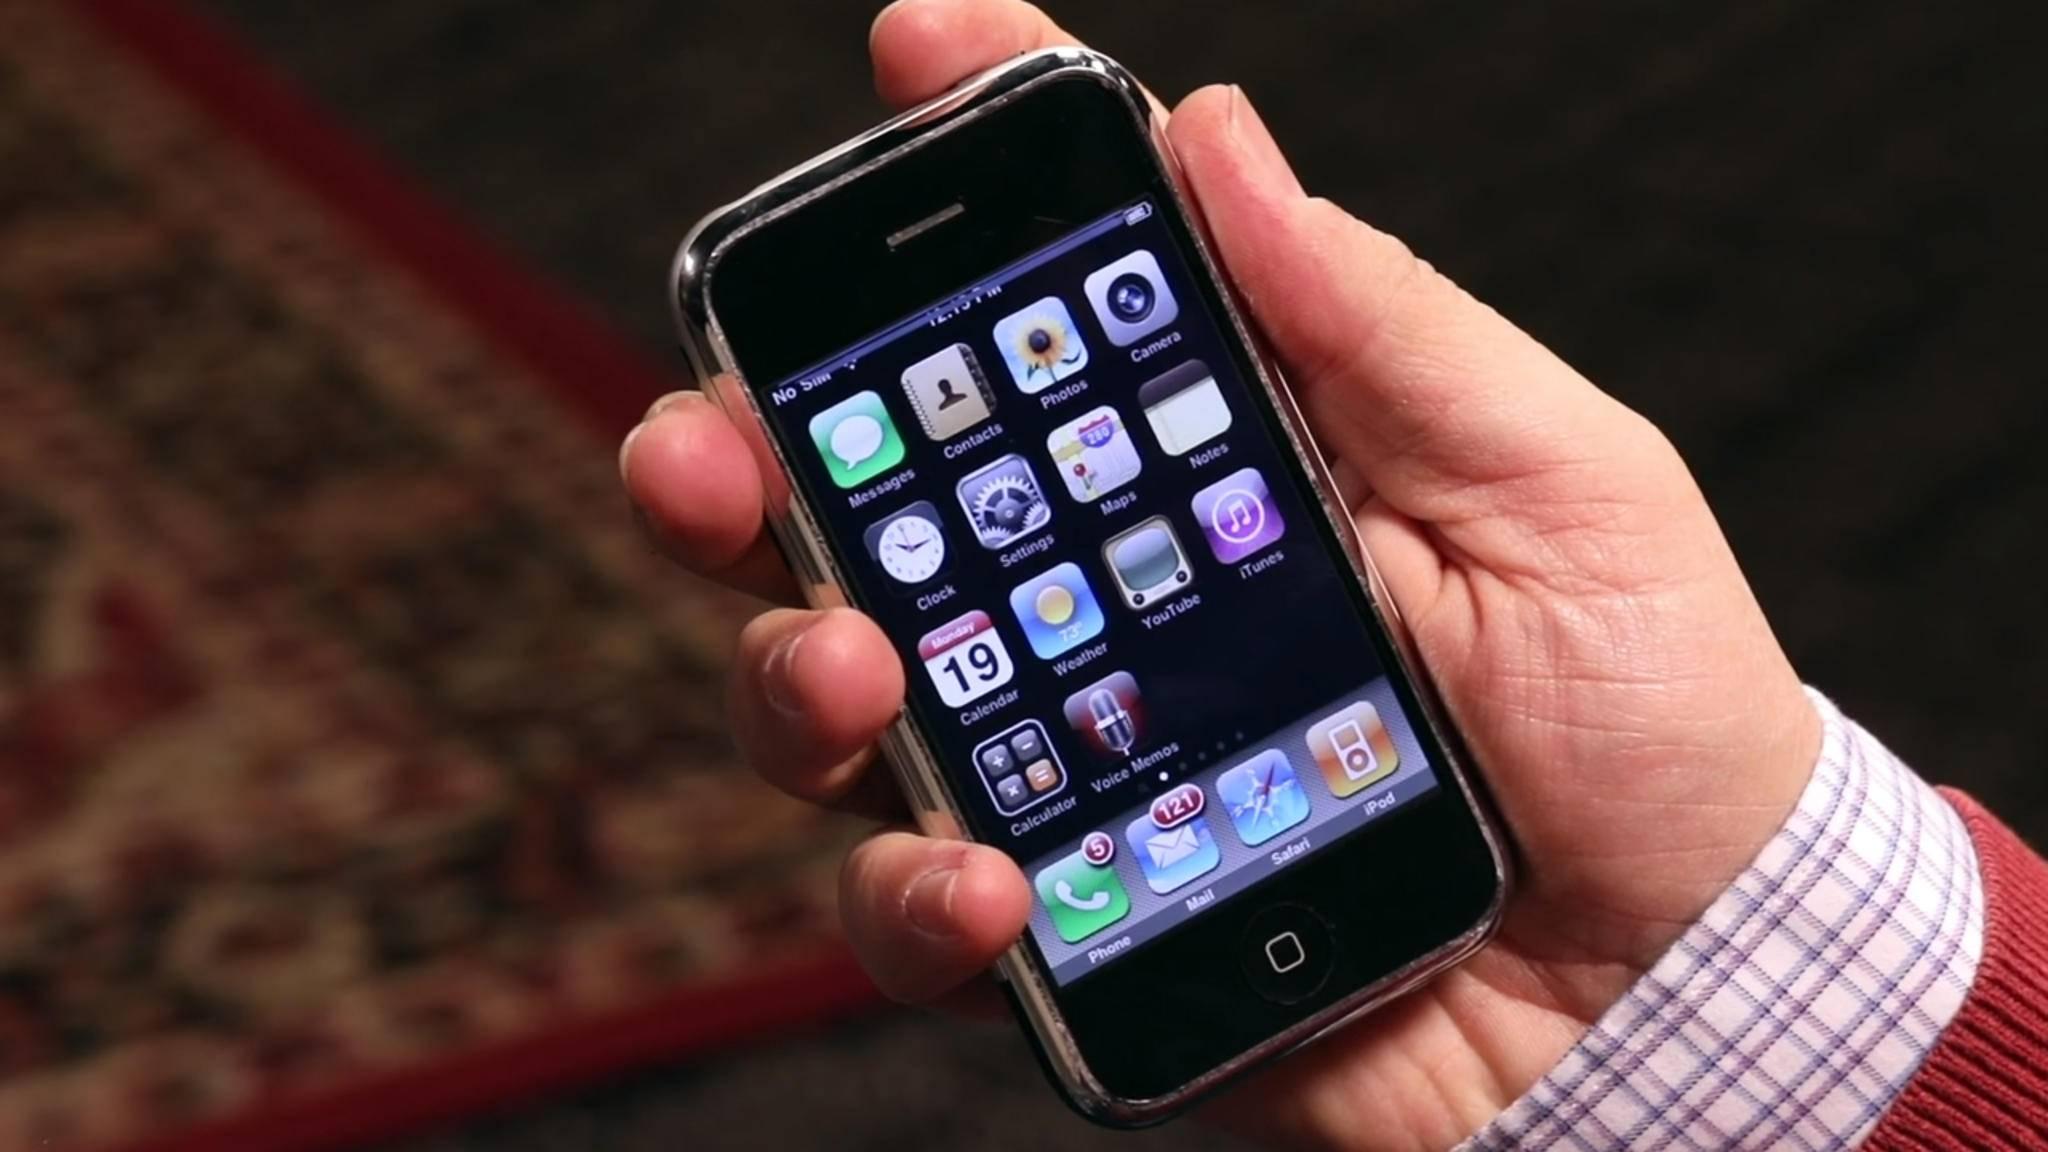 Das erste iPhone – ein Meilenstein der Technik. Das hätte bei dem Prototypen wohl niemand erwartet.